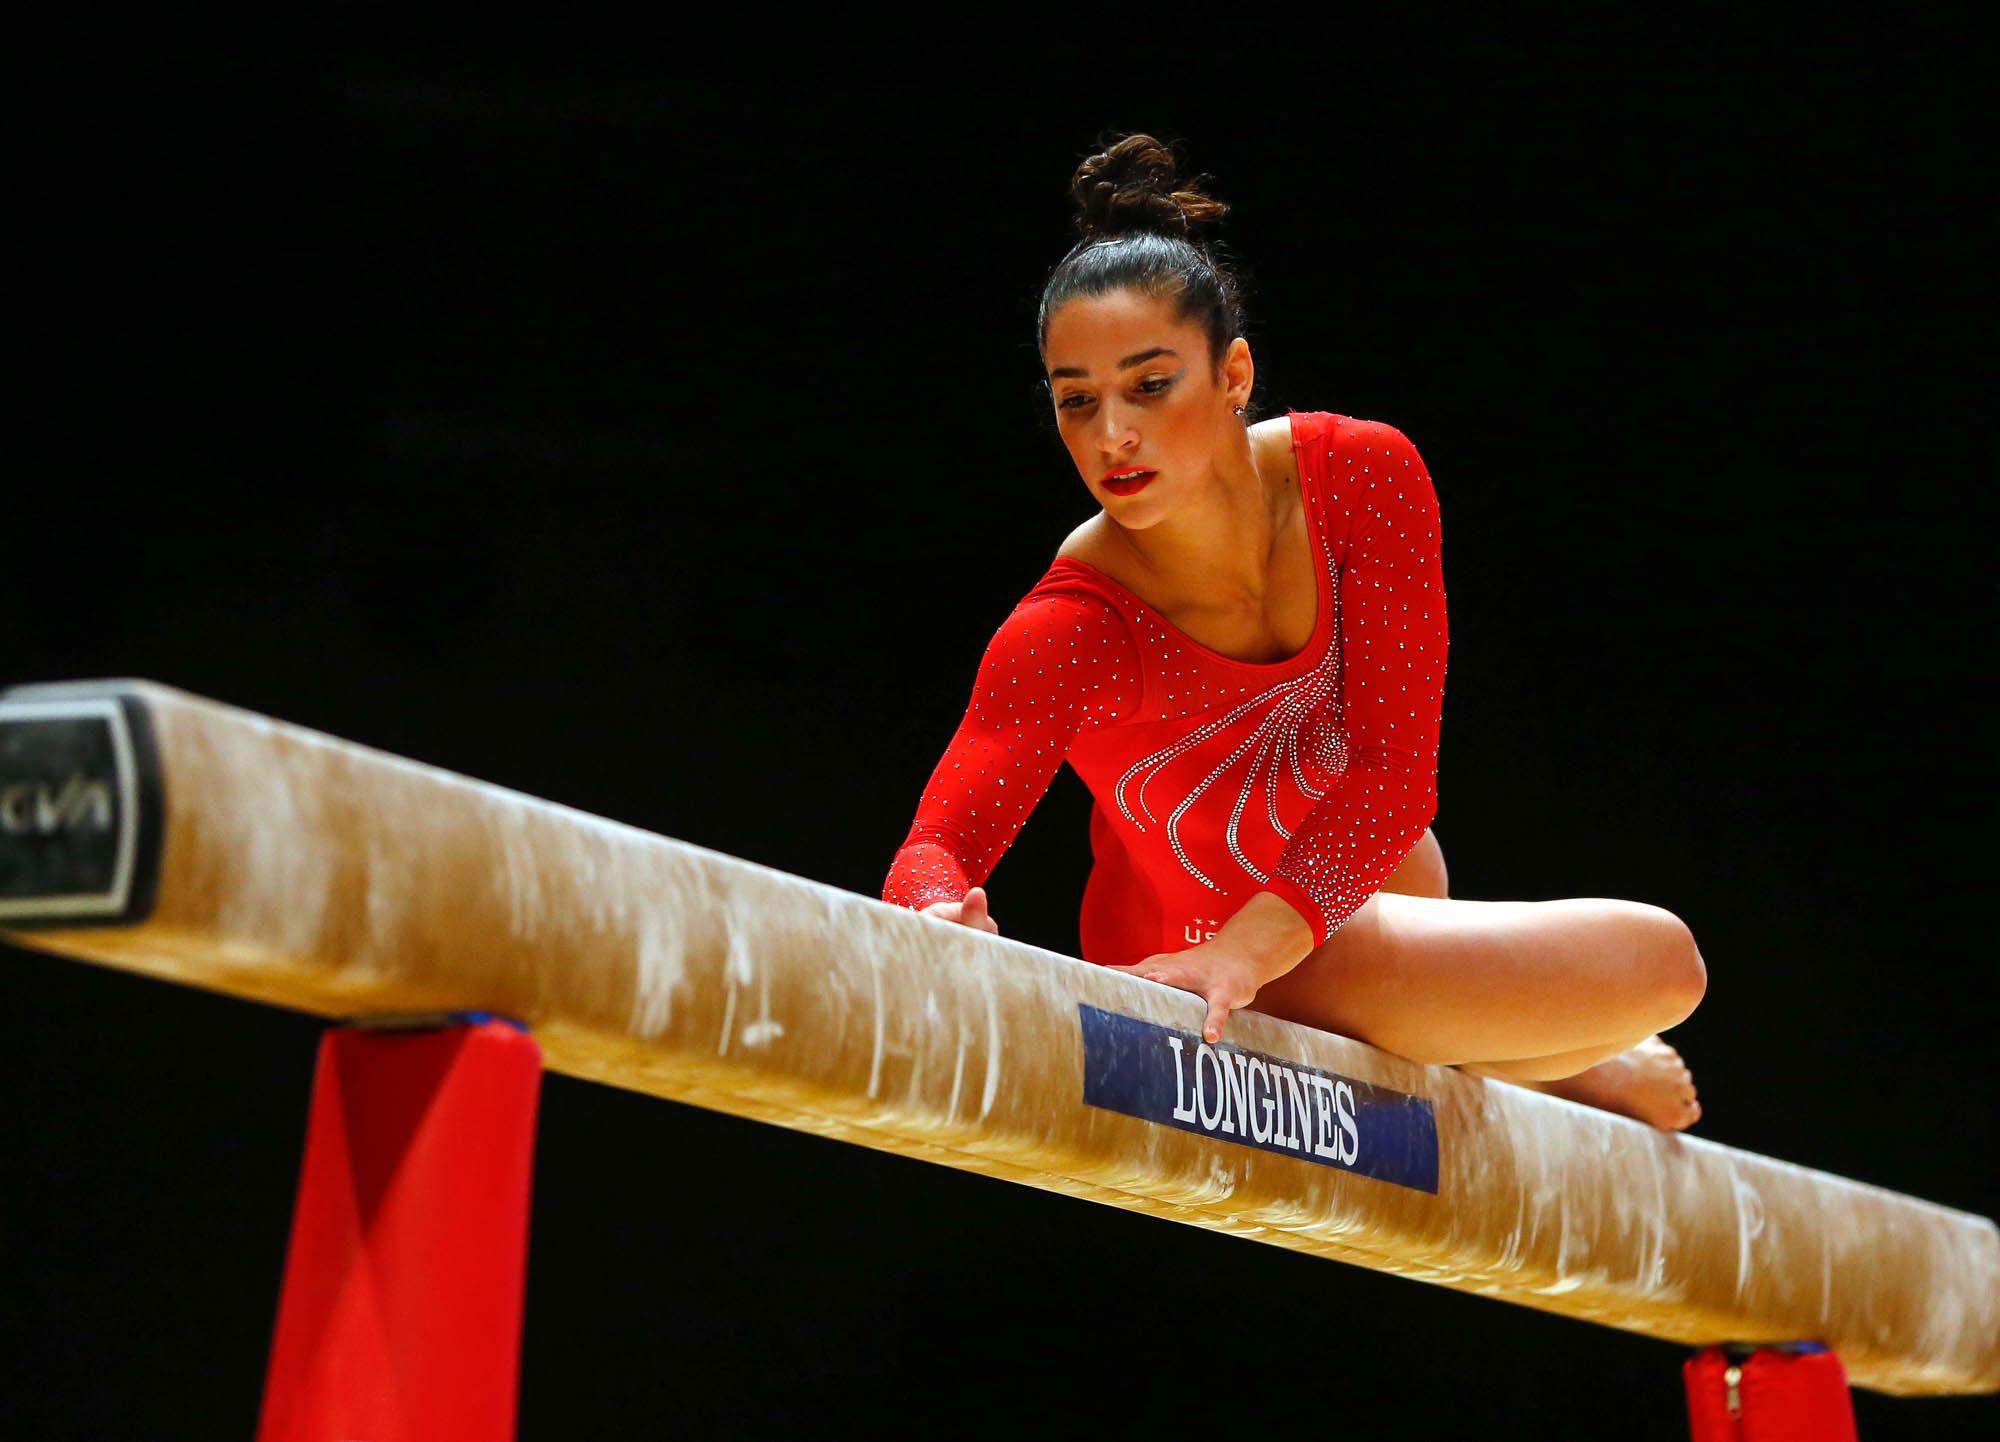 Aly Raisman en la barra de equilibrio (© AP Images)